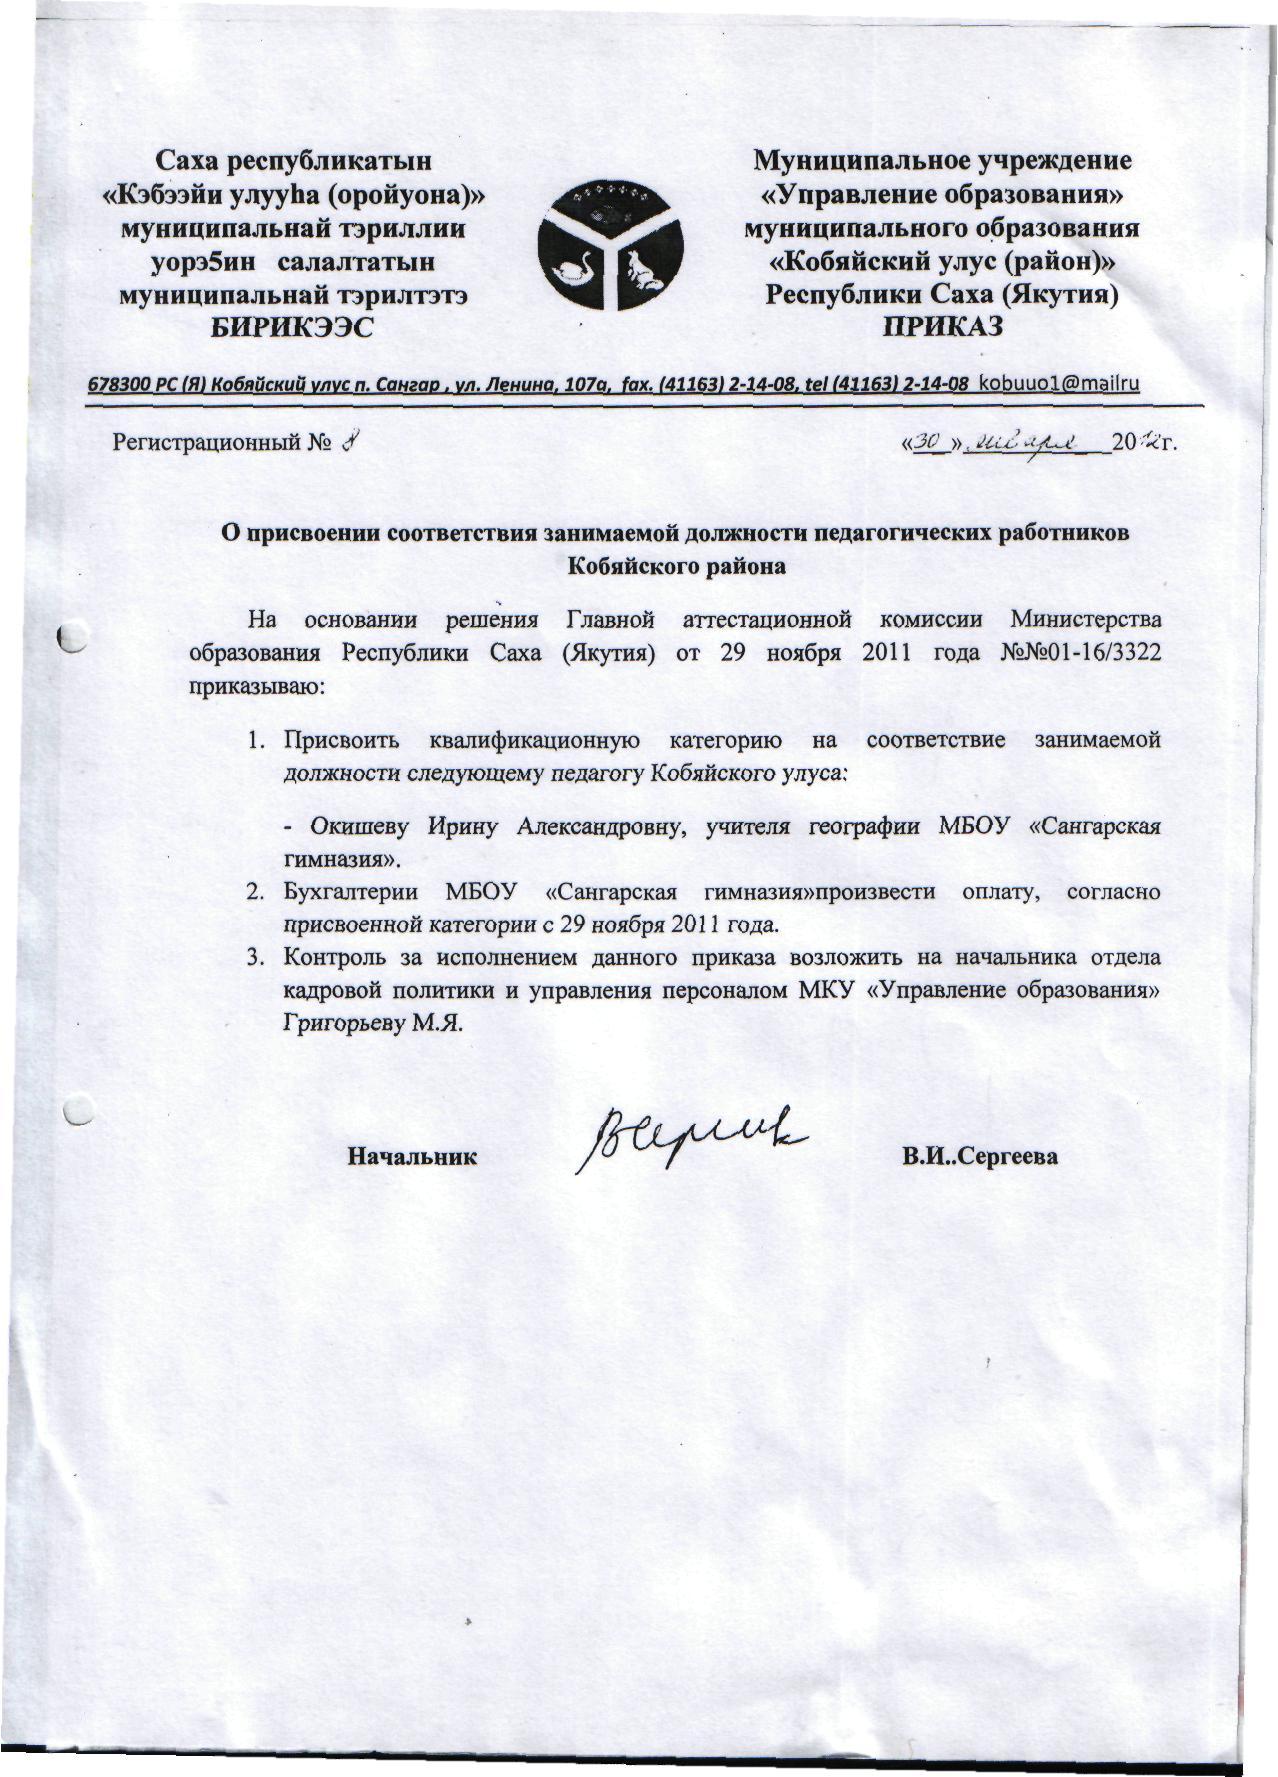 приказ о награждении нагрудным знаком министерства образования